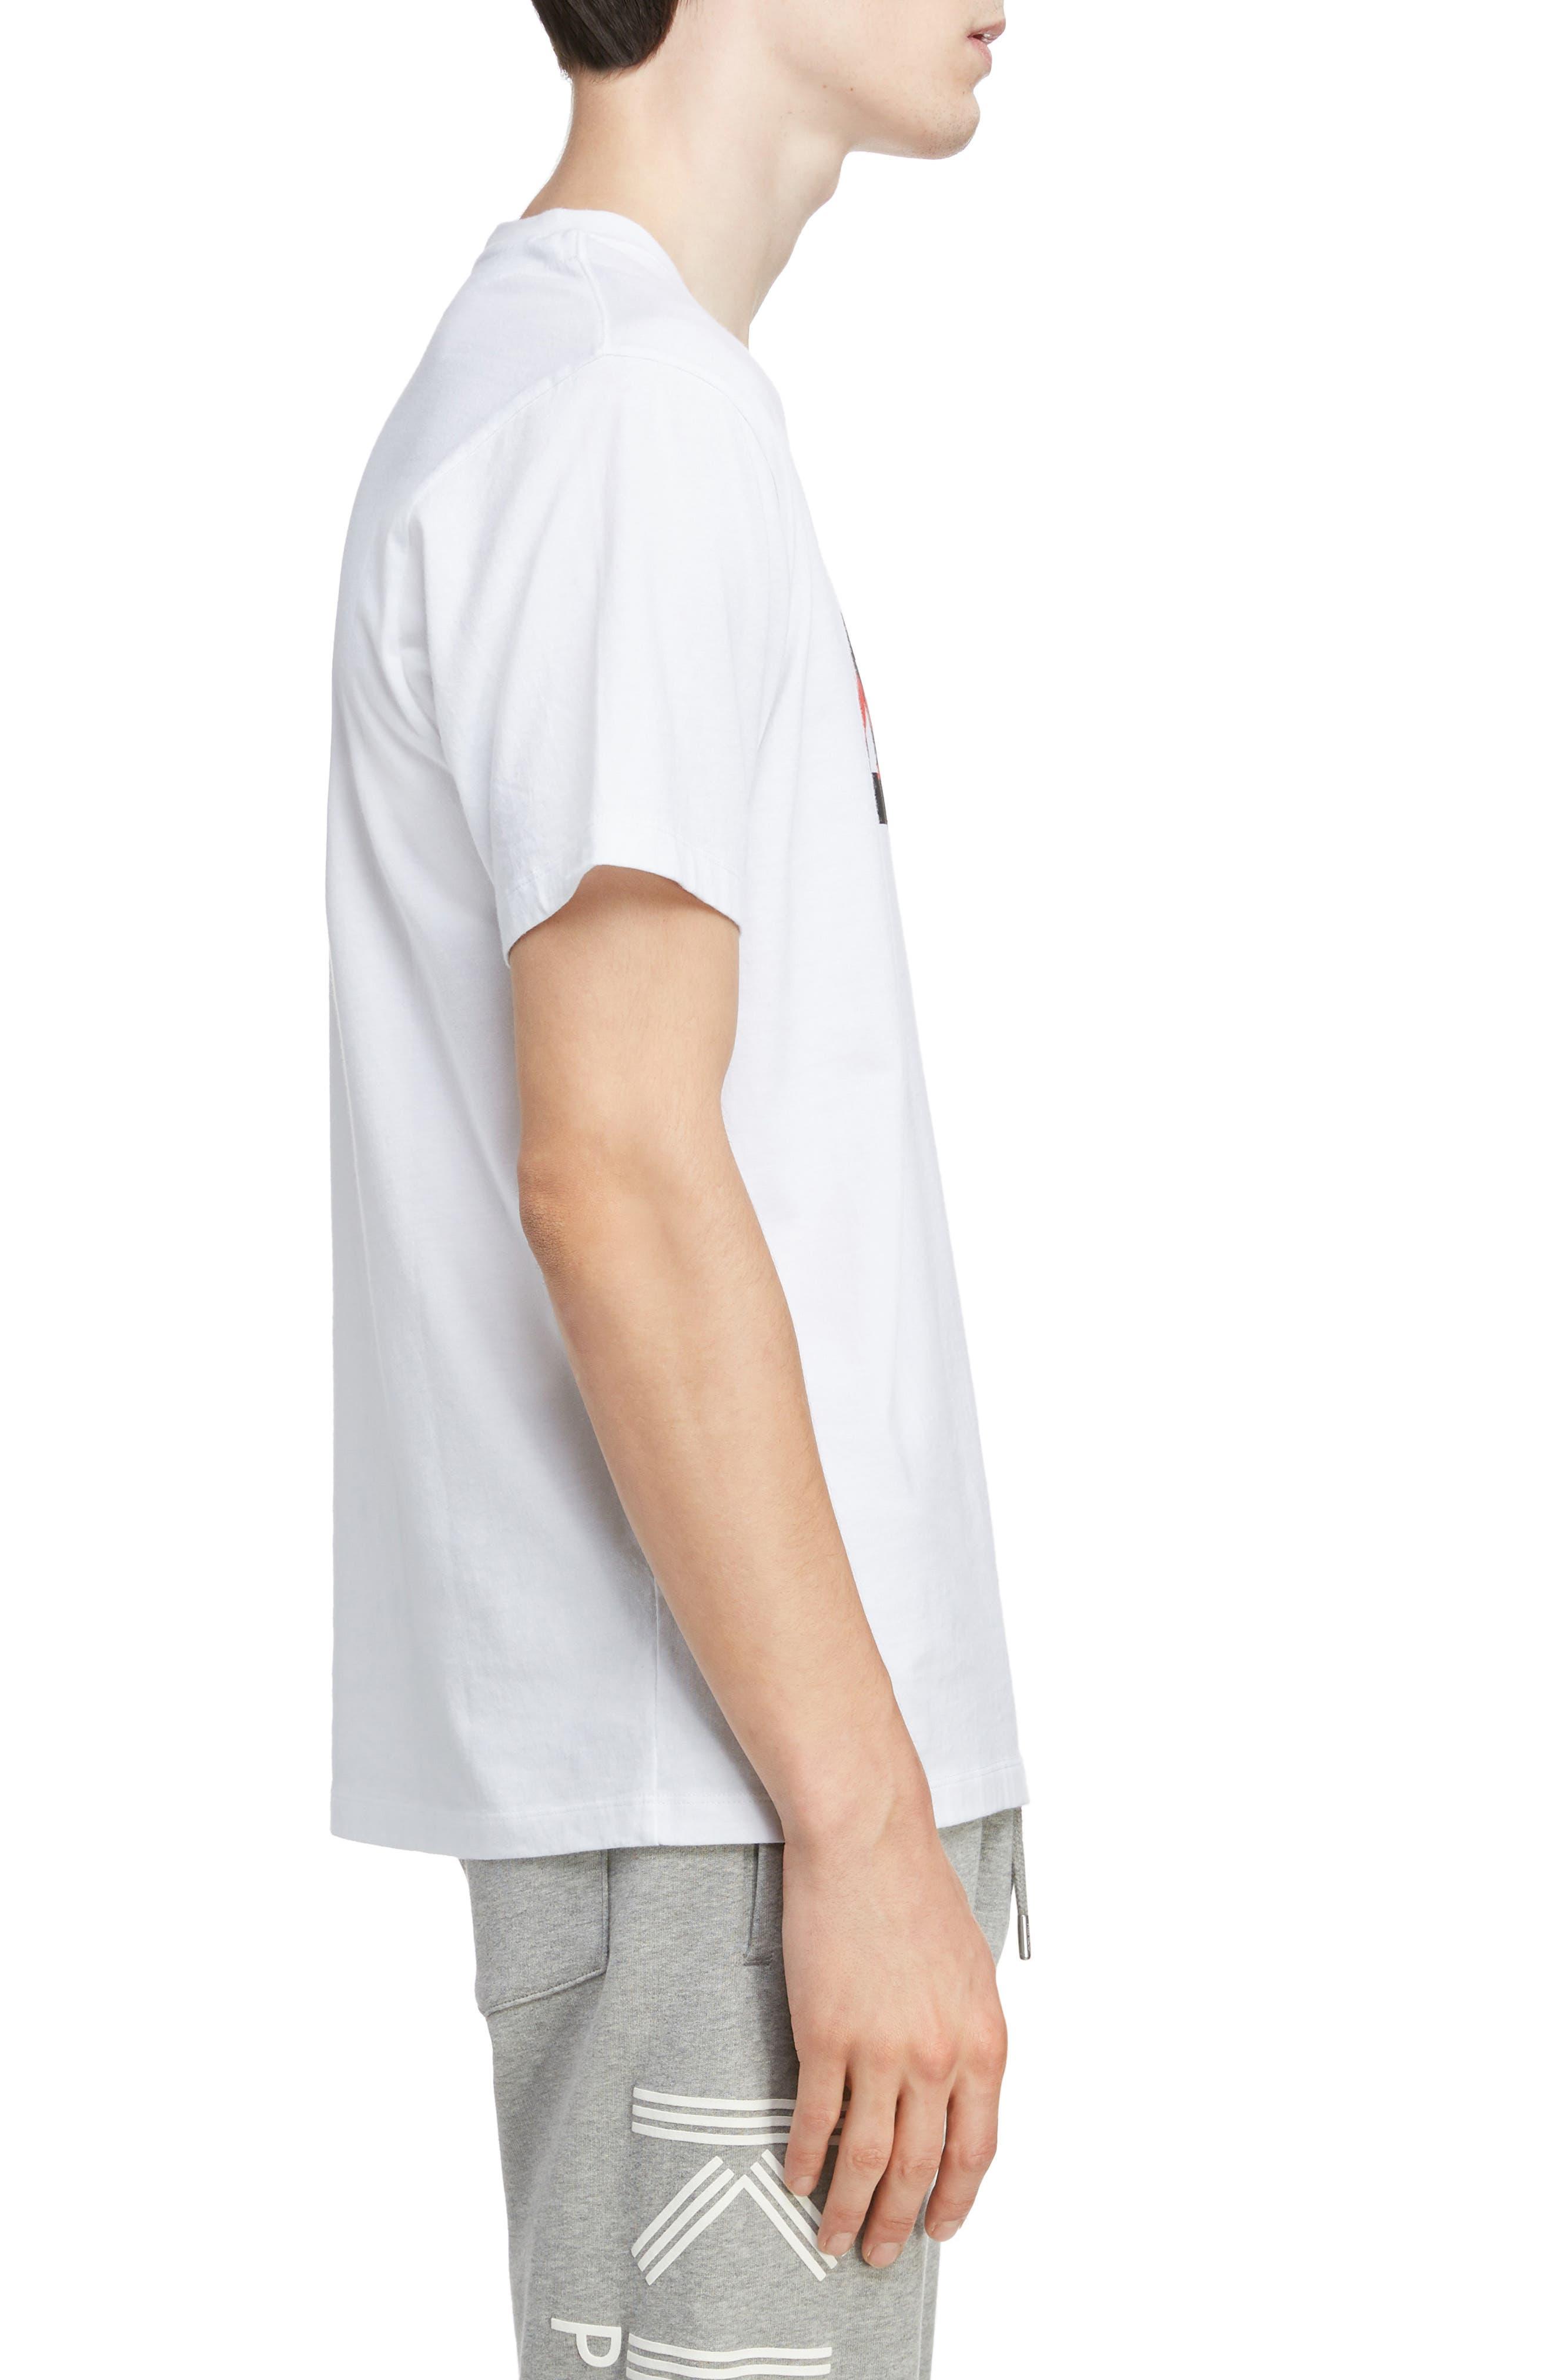 KENZO,                             Classic Fit Logo T-Shirt,                             Alternate thumbnail 3, color,                             WHITE